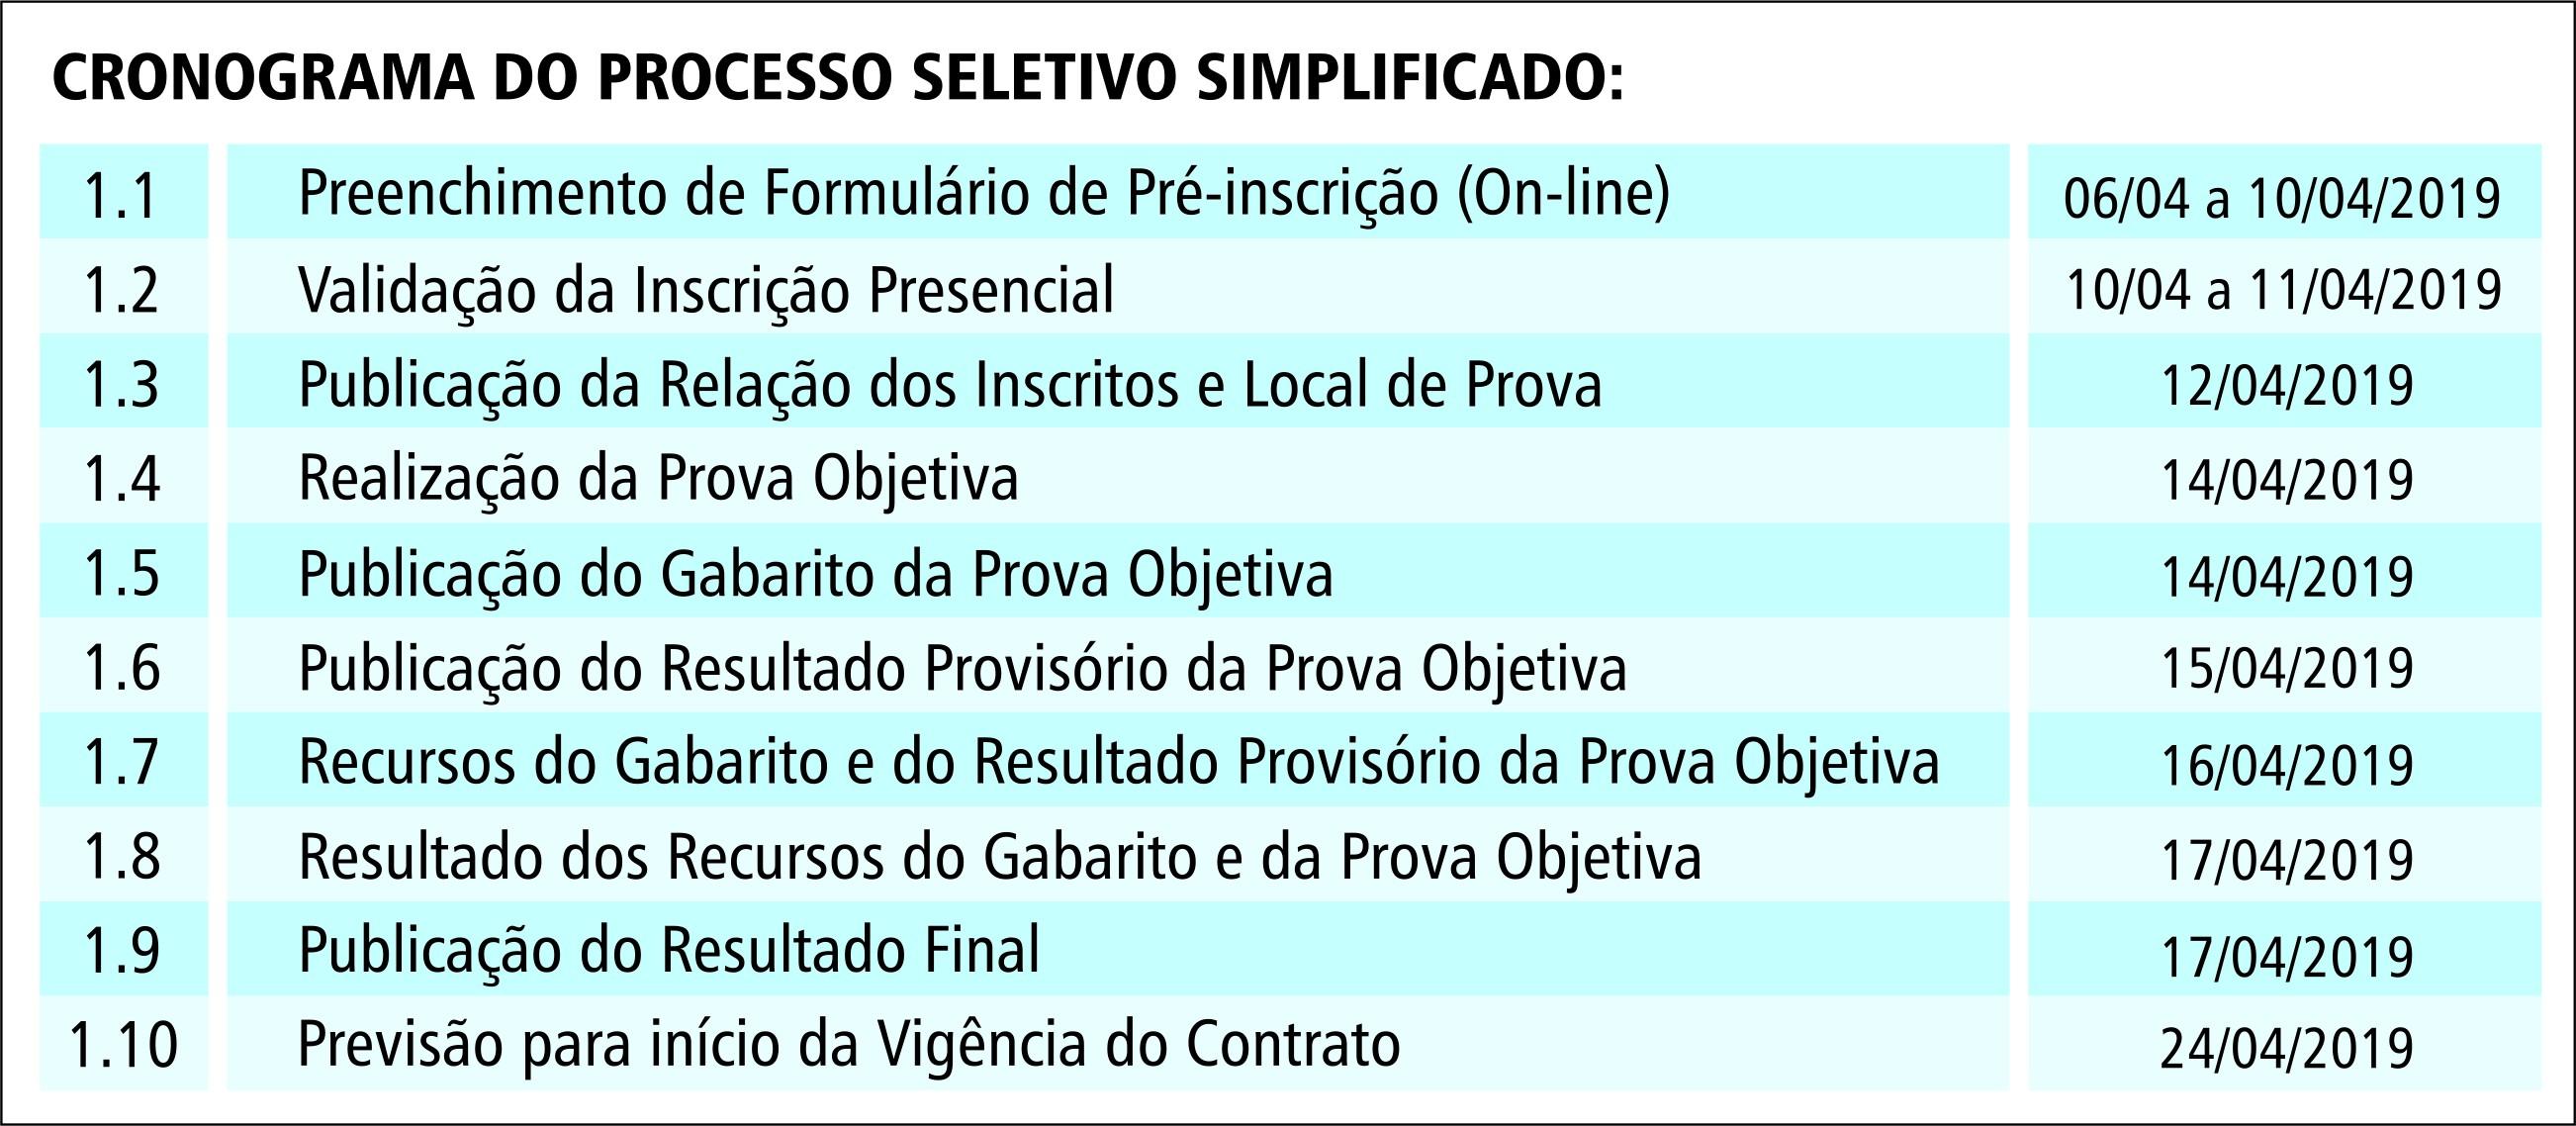 Calendario Escolar 2019 Capital Federal Más Populares Index Of Midia Of Calendario Escolar 2019 Capital Federal Mejores Y Más Novedosos Index Of Midia